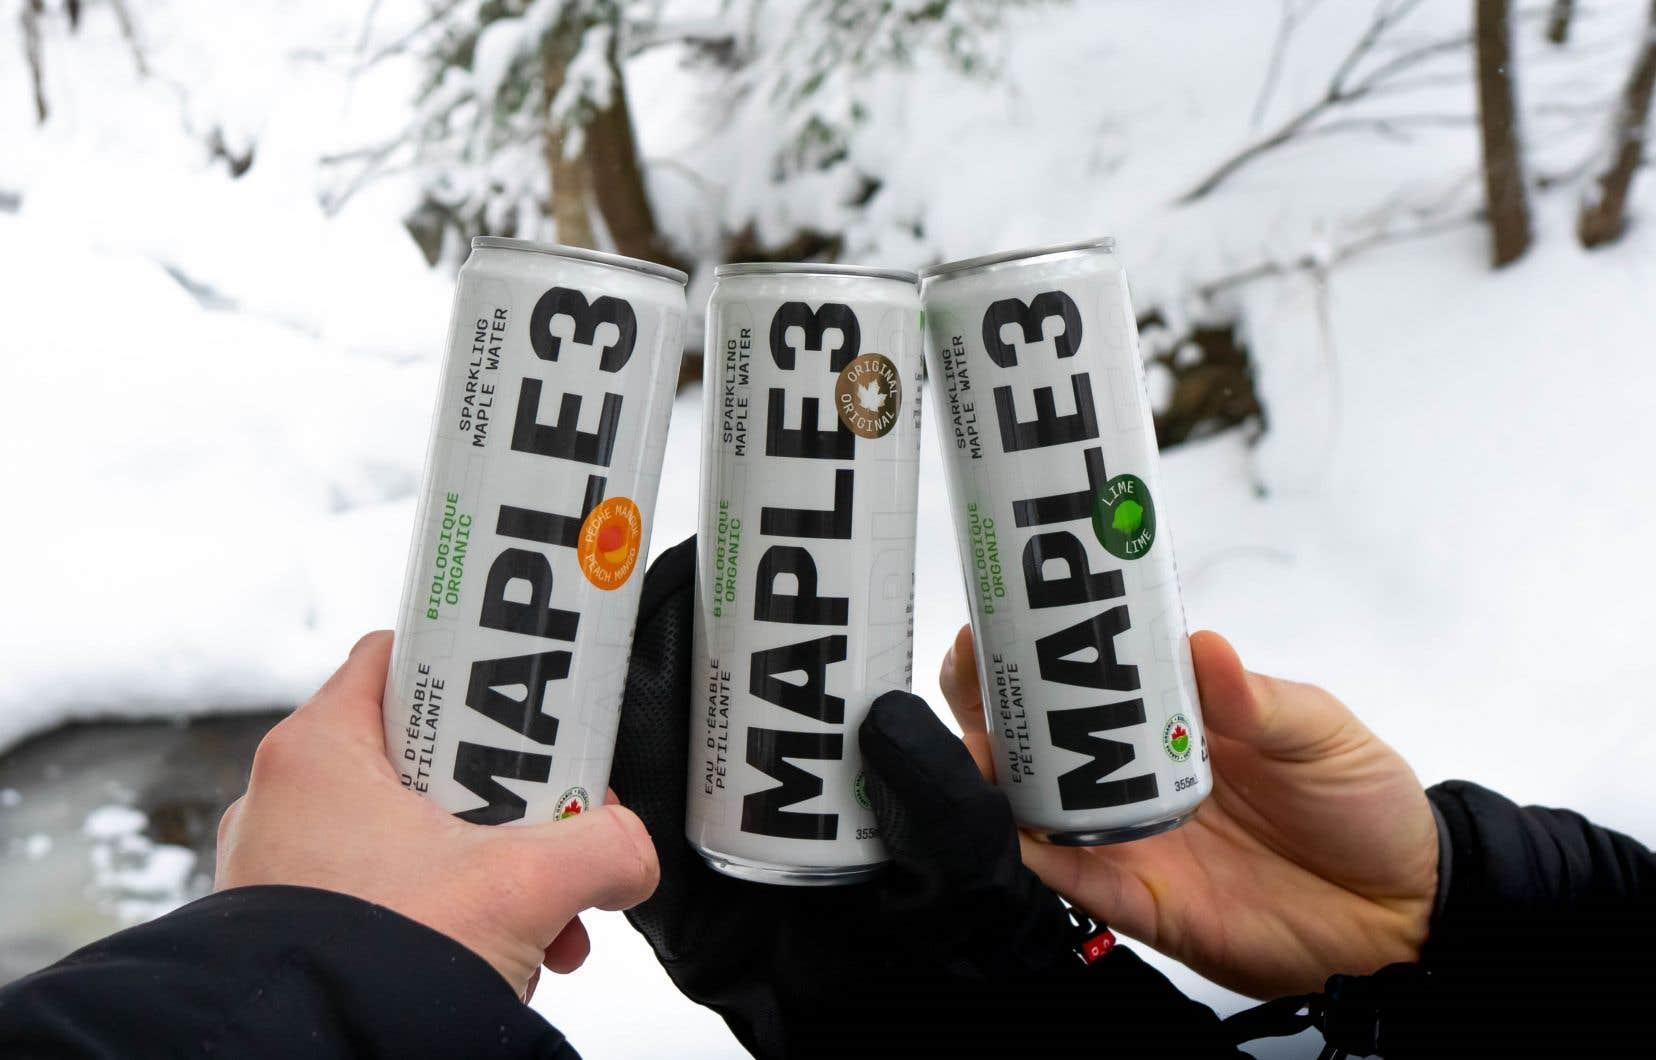 Ce printemps, Maple 3 ajoute à son offre une eau pétillante d'eau d'érable déclinée en trois saveurs différentes: originale, lime et pêche-mangue.